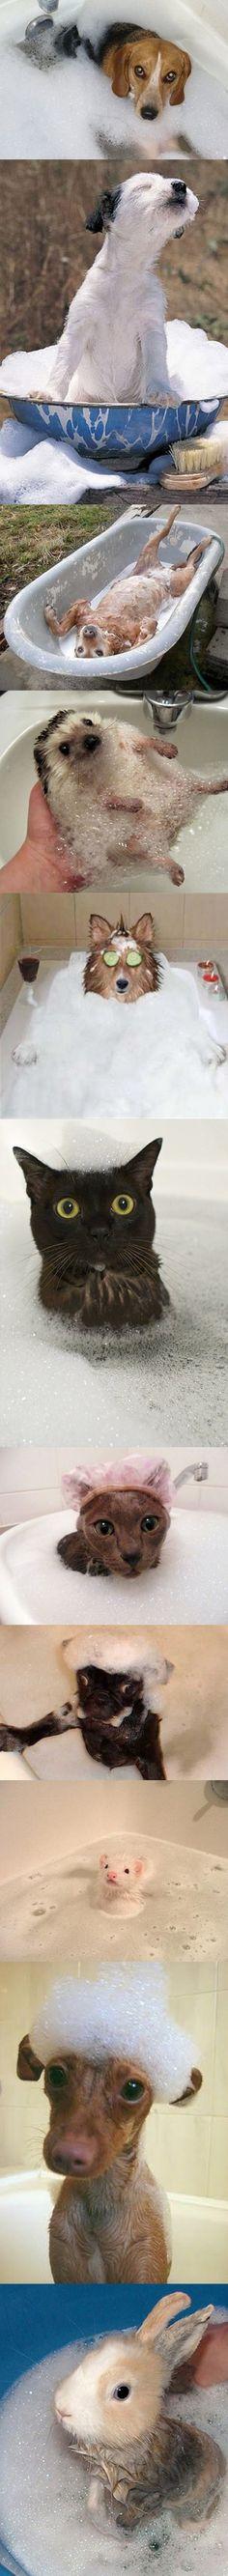 Too Cute! Animals Taking a Bath